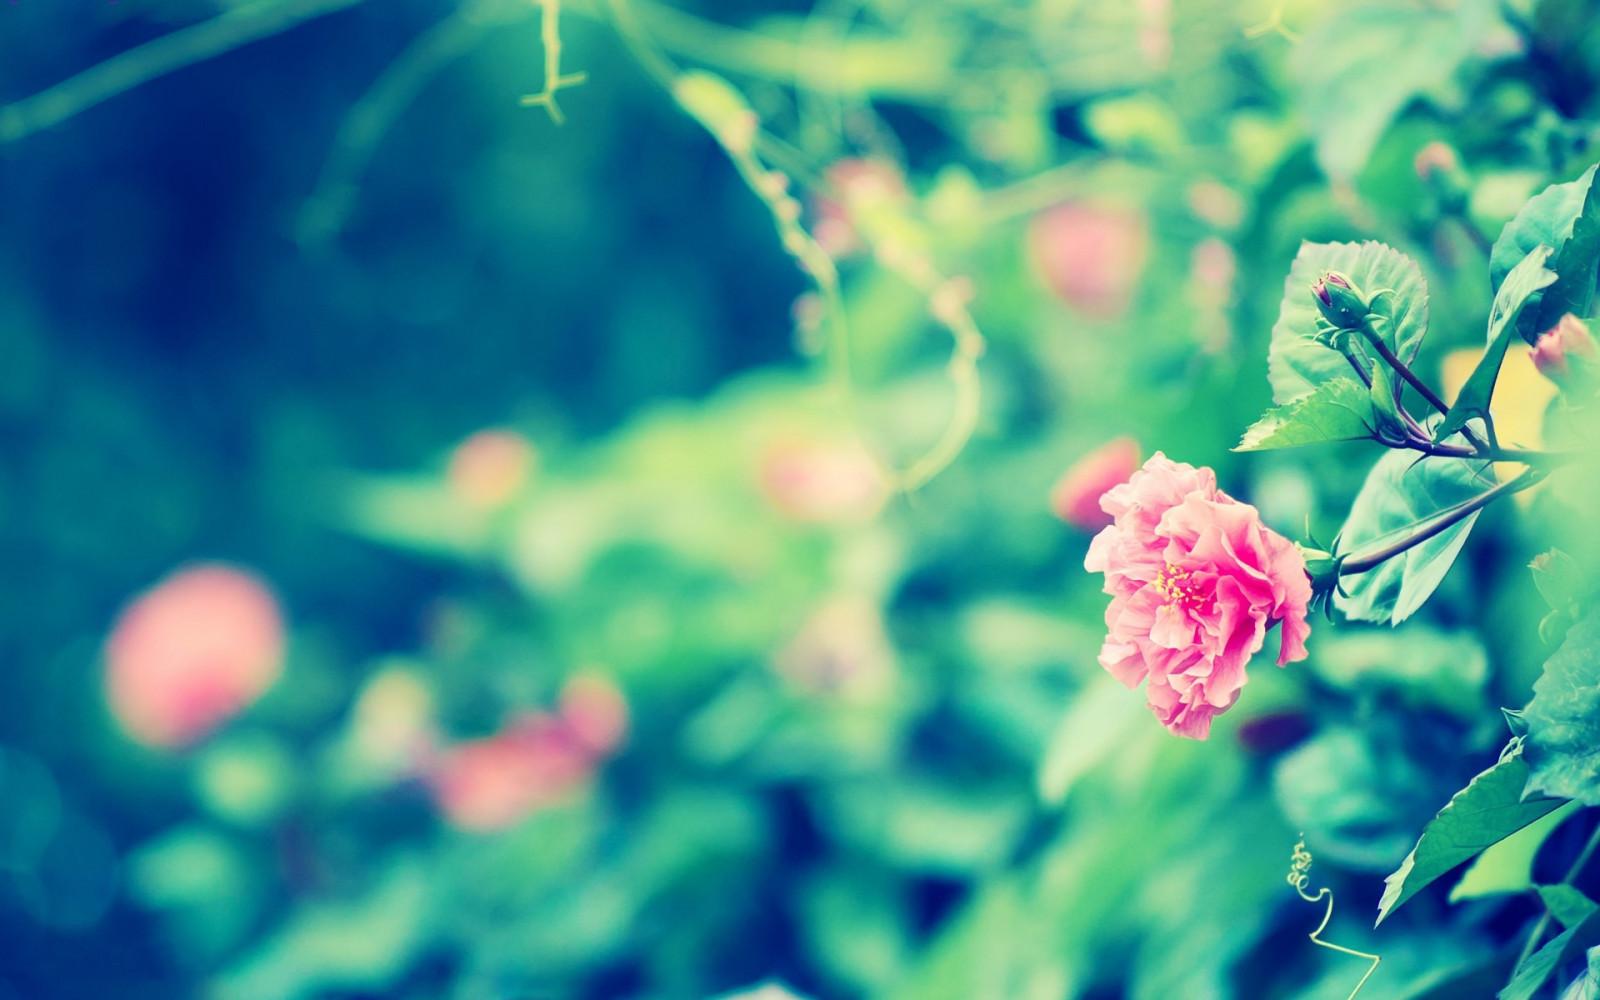 Фото для обложки фейсбук цветы